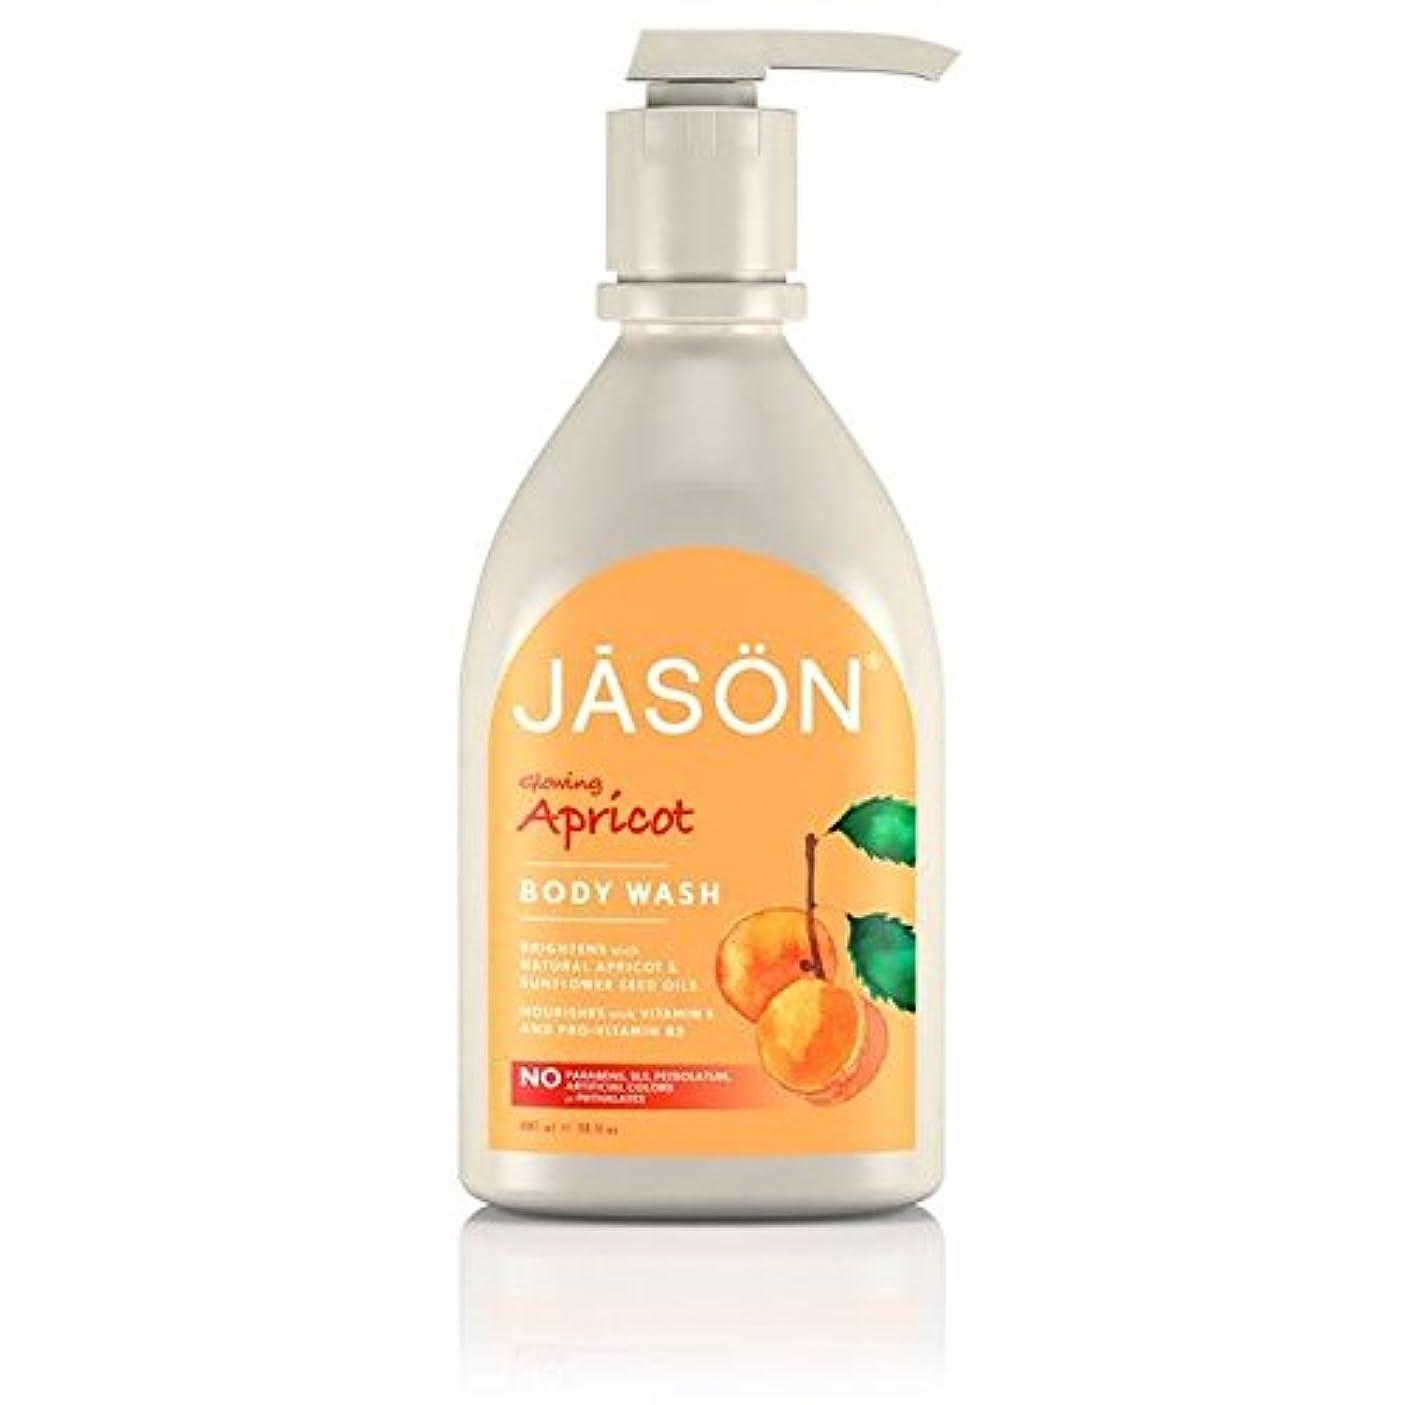 住人区画変動するJason Apricot Satin Body Wash Pump 900ml (Pack of 6) - ジェイソン?アプリコットサテンボディウォッシュポンプ900ミリリットル x6 [並行輸入品]